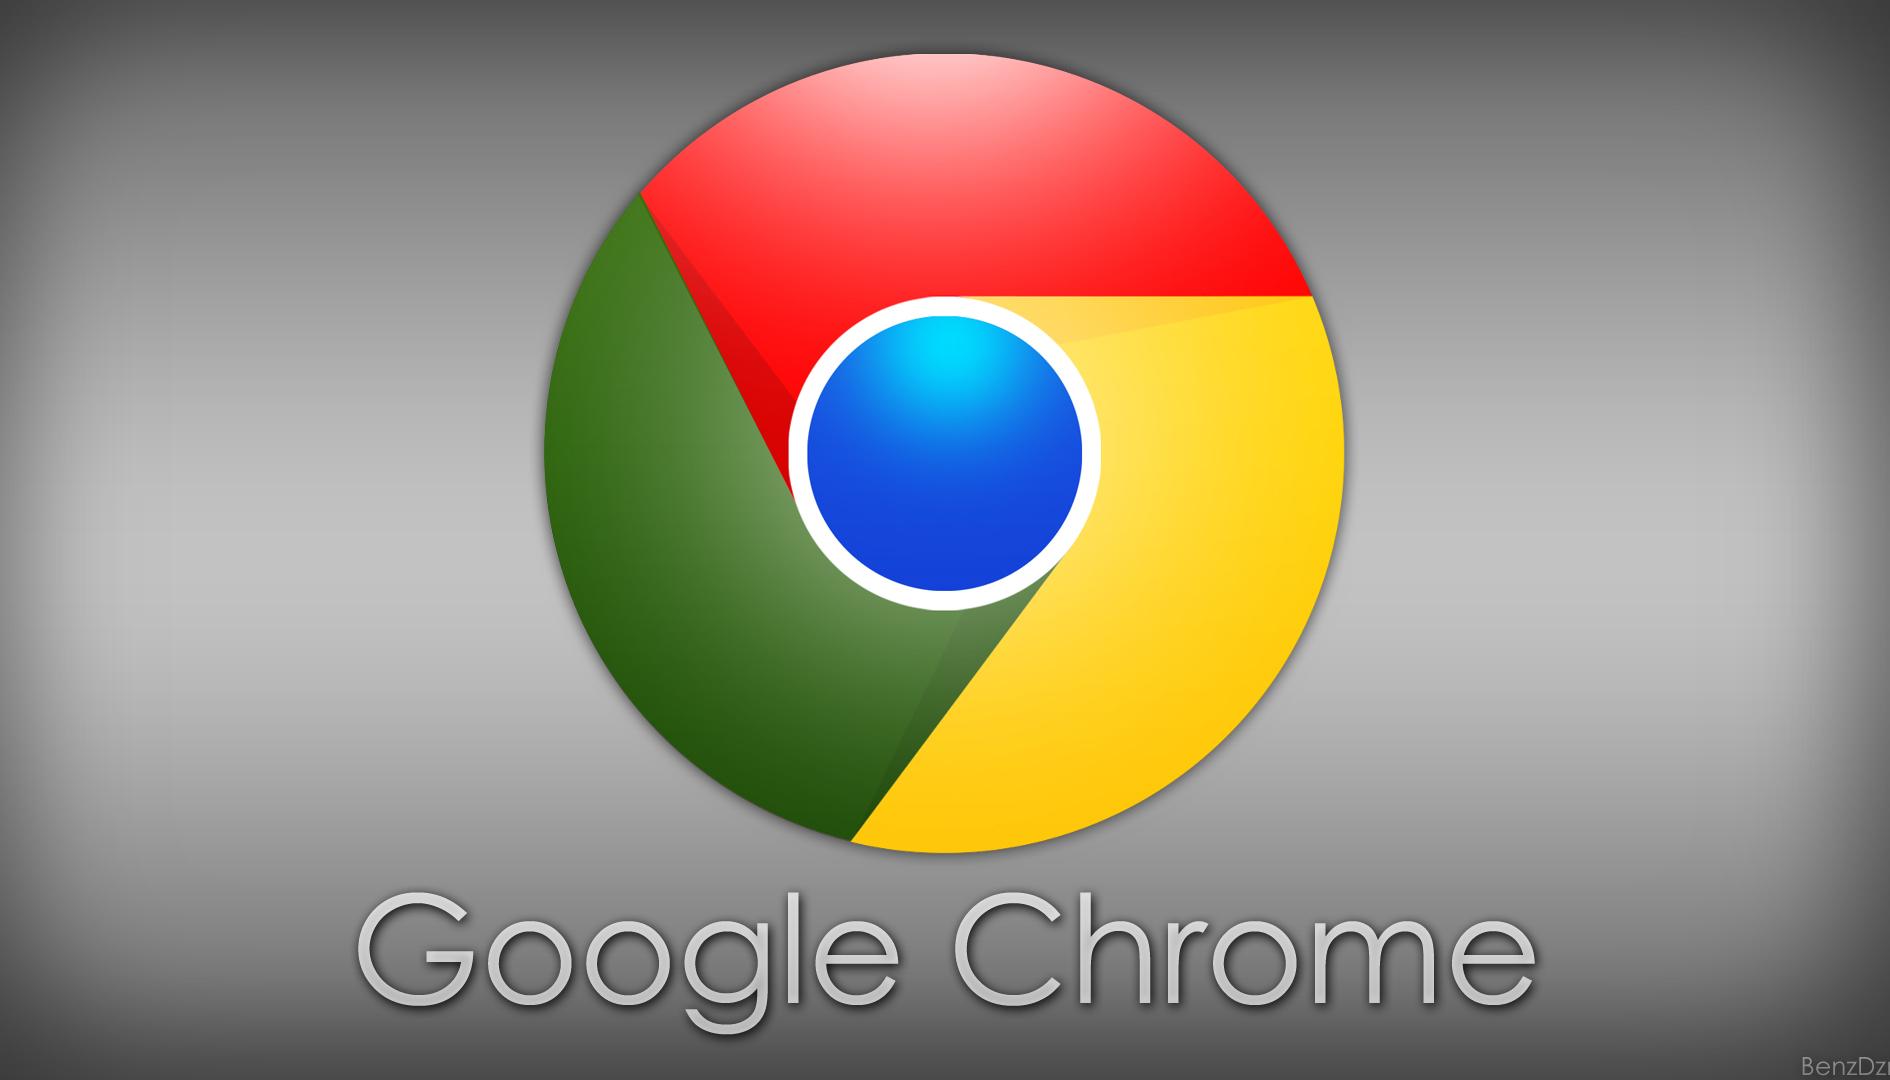 Google Chrome dichiara guerra ai cookie di terze parti. Addio entro 2 anni